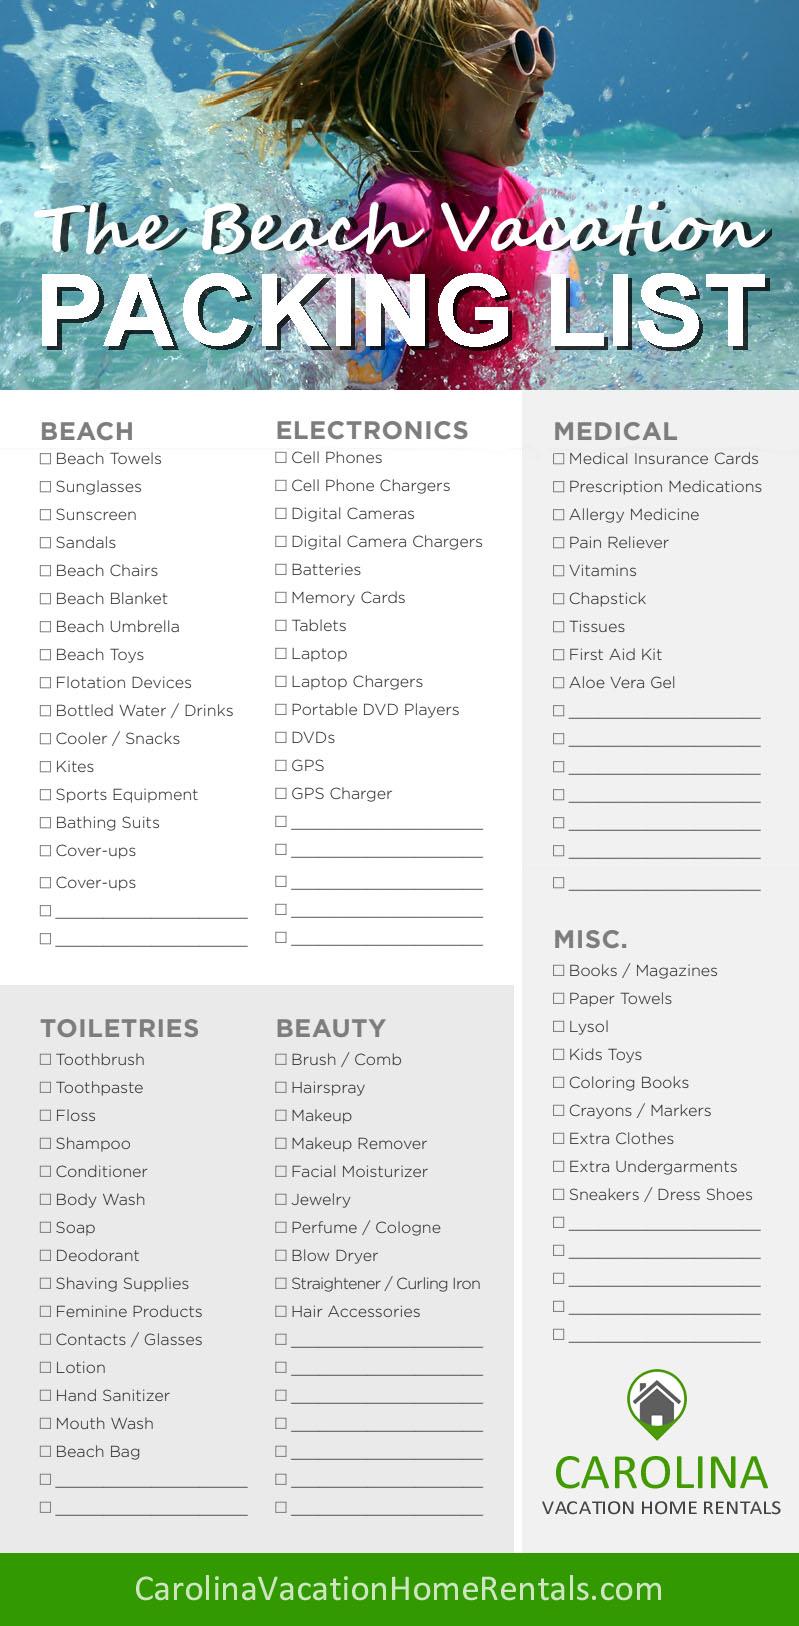 Vacation Checklist | Beach Vacation Checklist Carolina Vacation Home Rentals